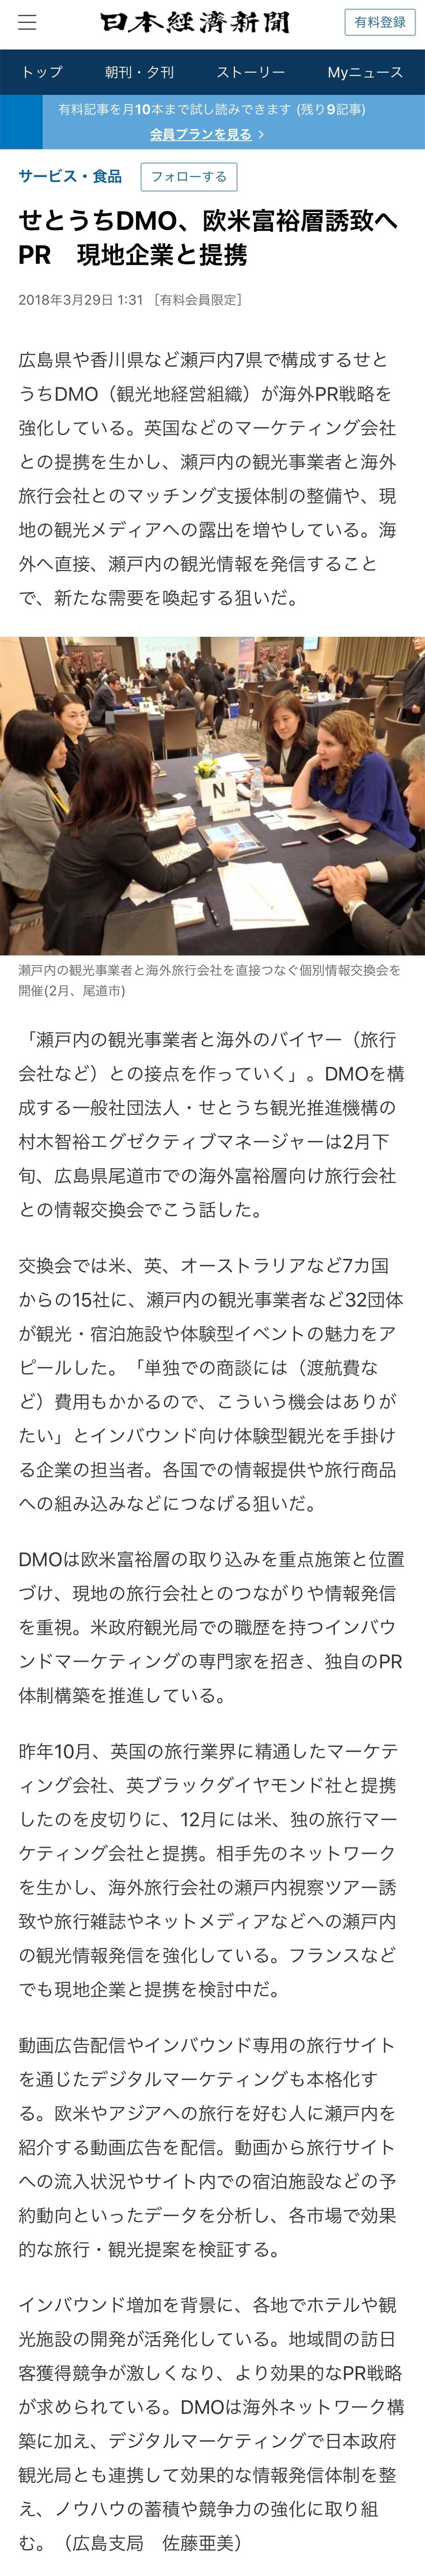 せとうちDMO、欧米富裕層誘致へPR 現地企業と提携。「日本経済新聞」で掲載されました。